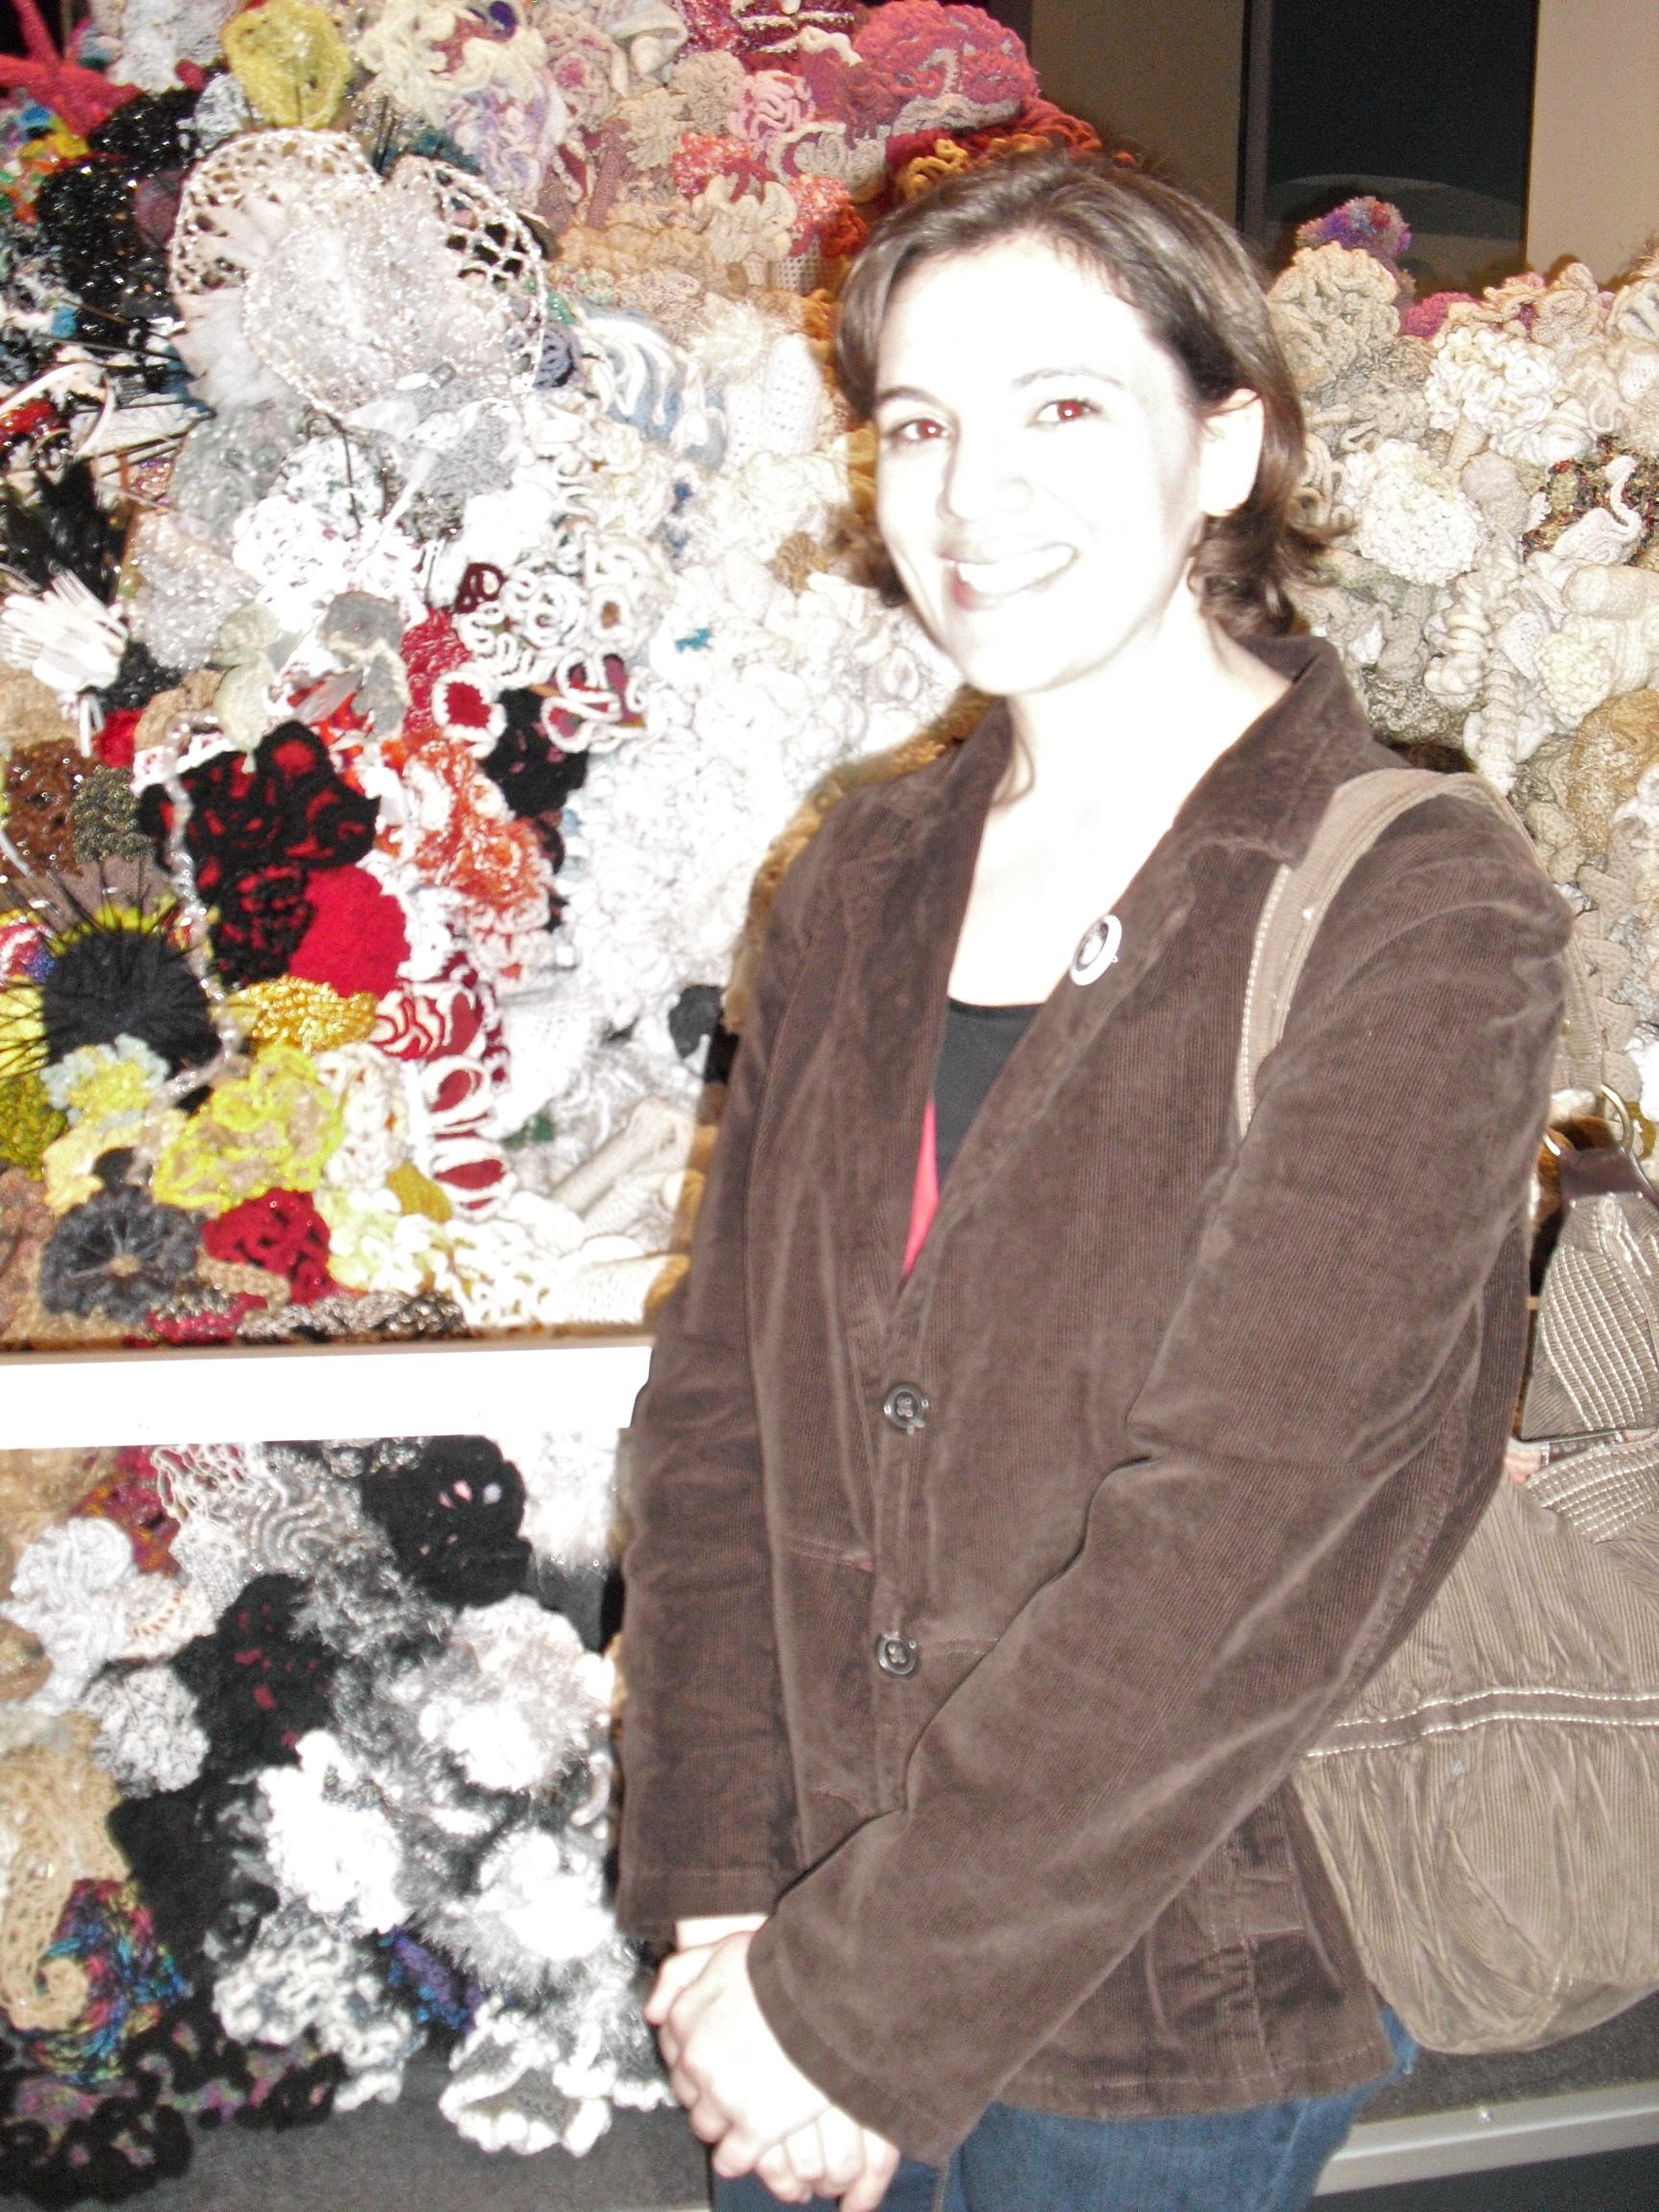 Picture of crochet artist Jamie Roberts